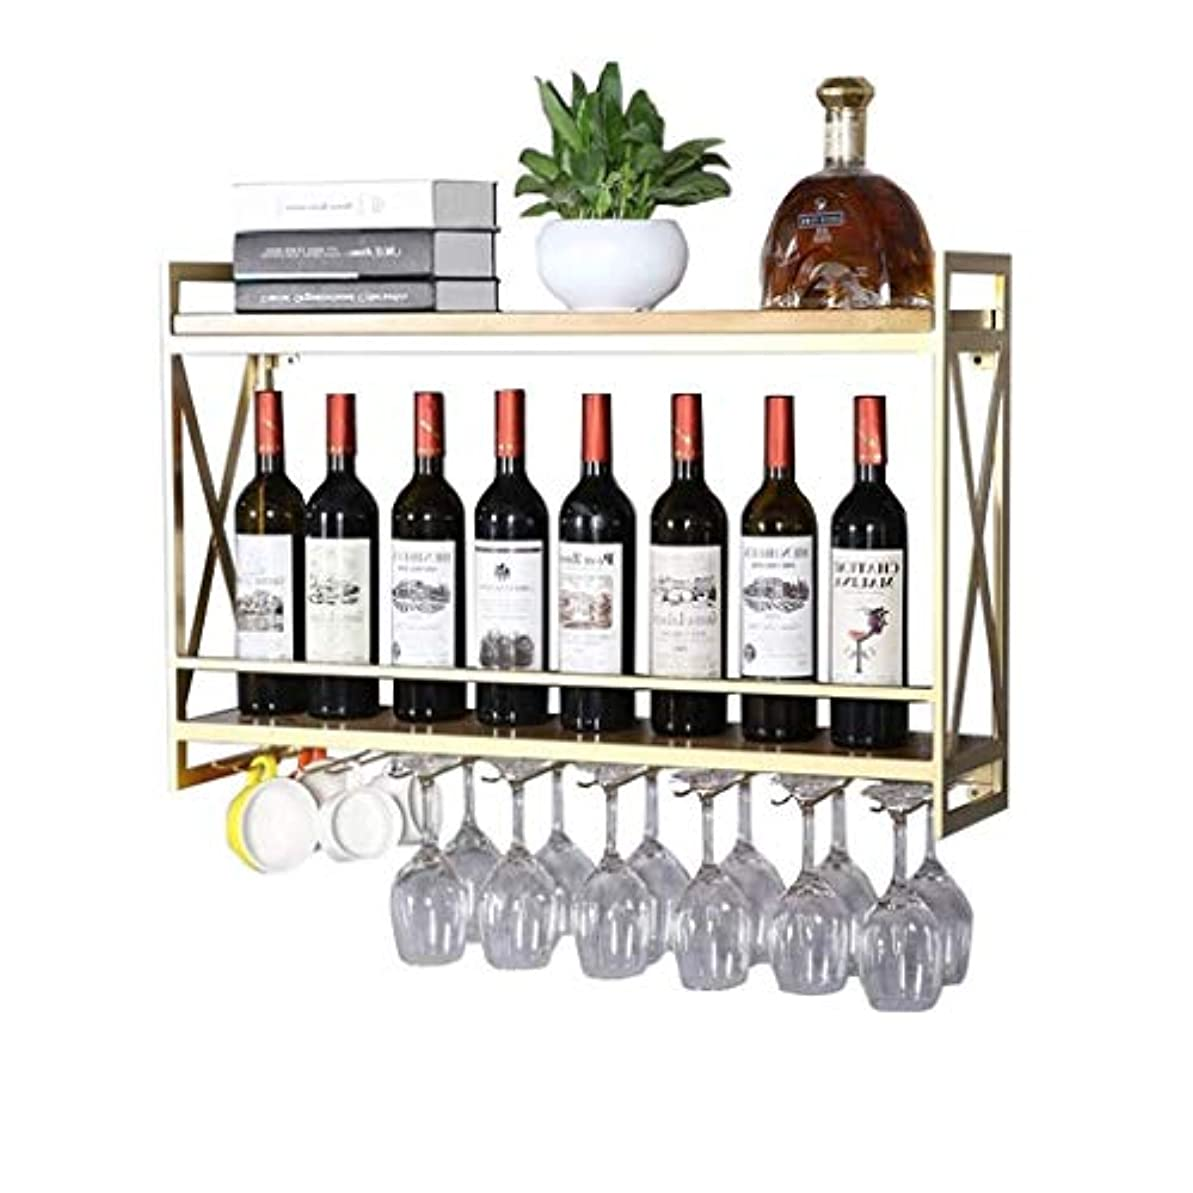 スキーステーキ付与Stemware Racksウォールマウントワインボトルホルダーウォールマウントワインラック|調整可能な高さ|壁掛けワインボトルホルダー|金属鉄ワイングラスカップラック|ゴブレット?ステムワール